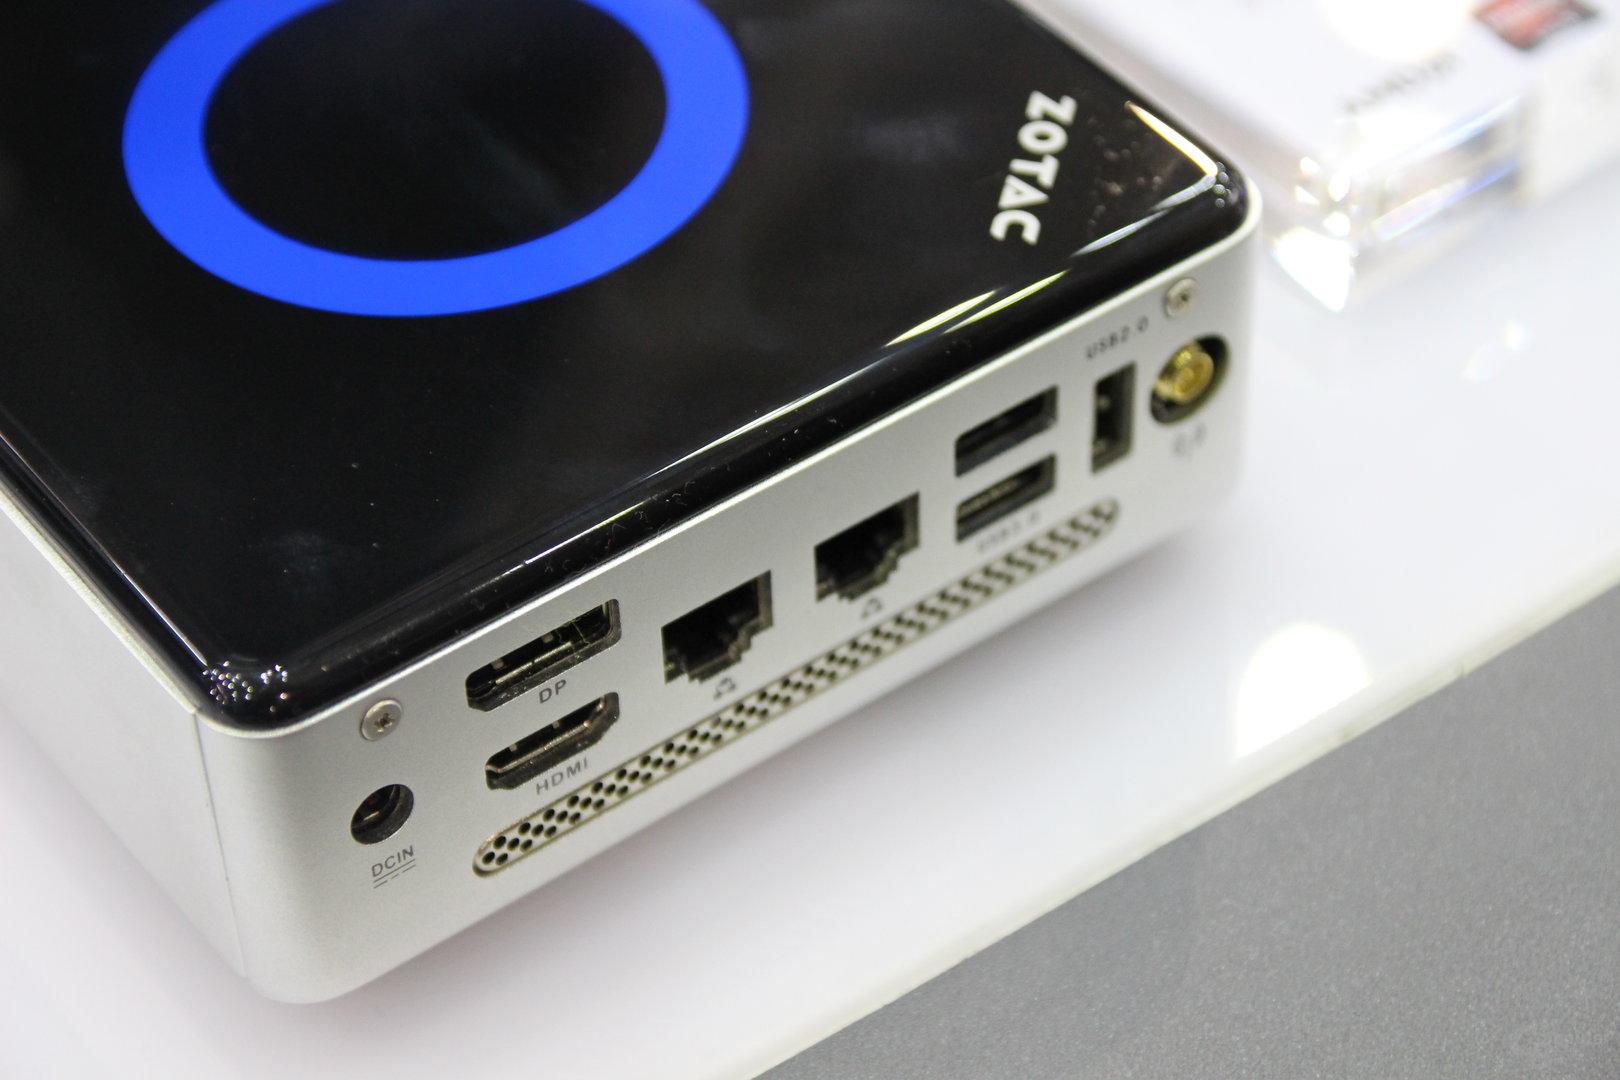 Zotac ZBox Nano mit AMDs Carrizo-APU